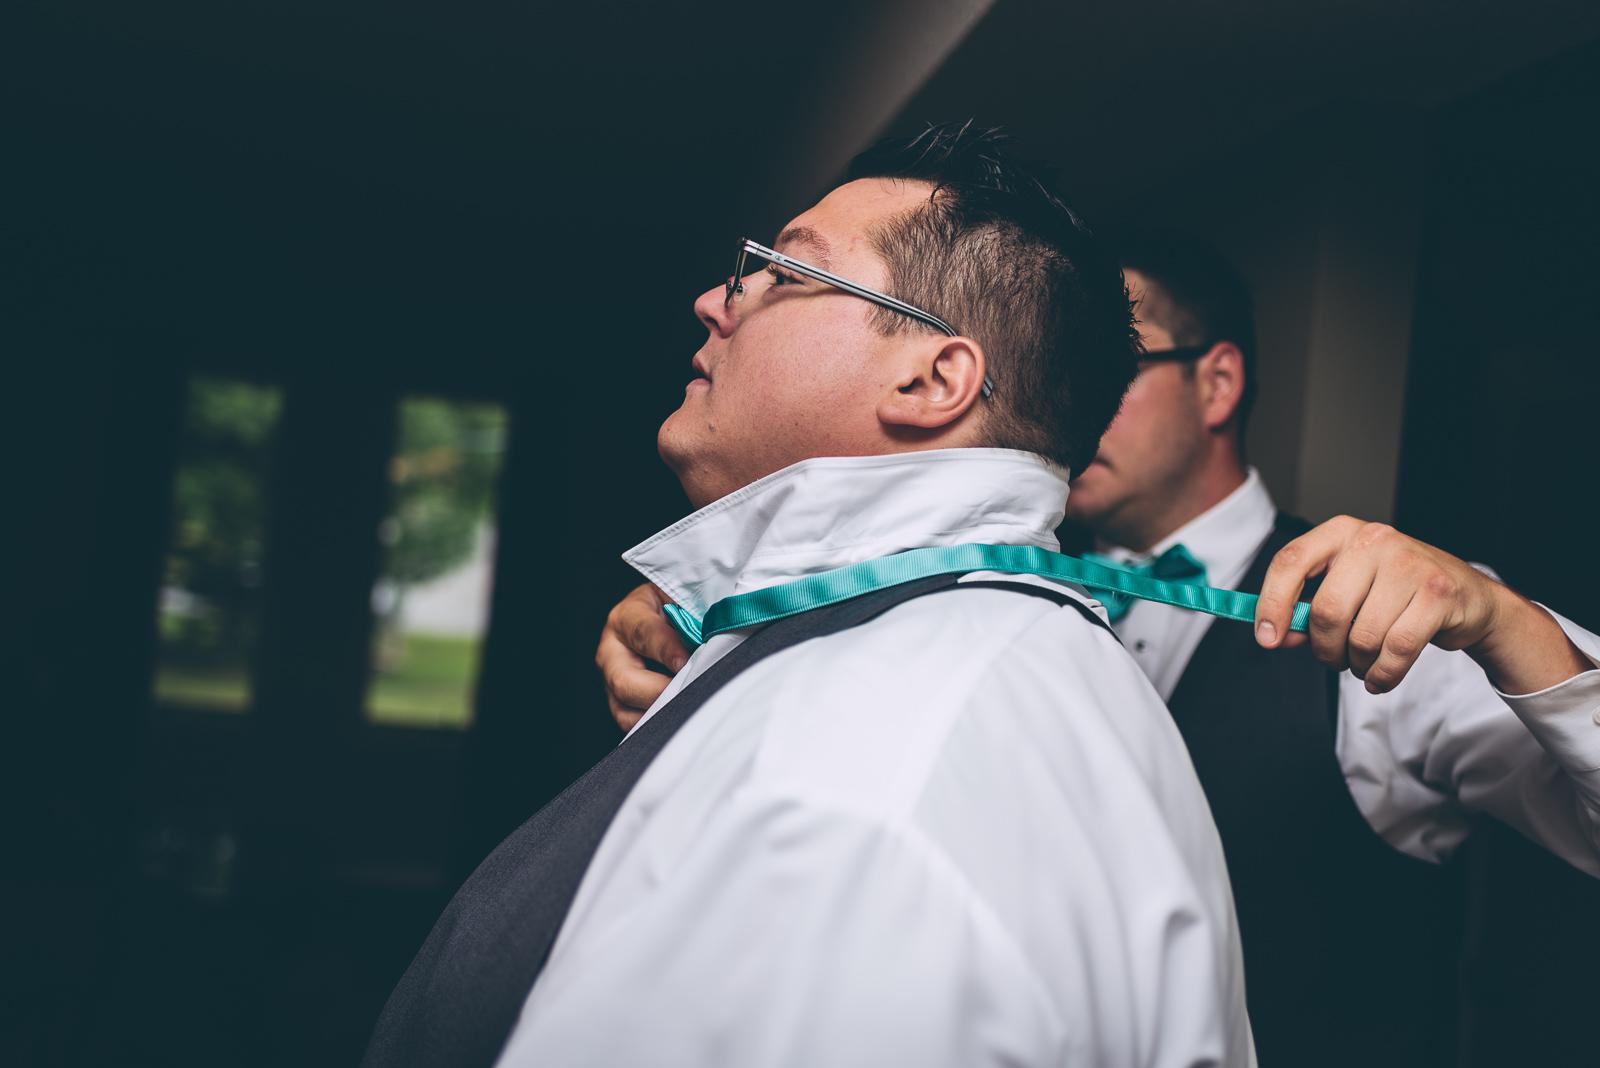 dan-josie-wedding-blog-3.jpg